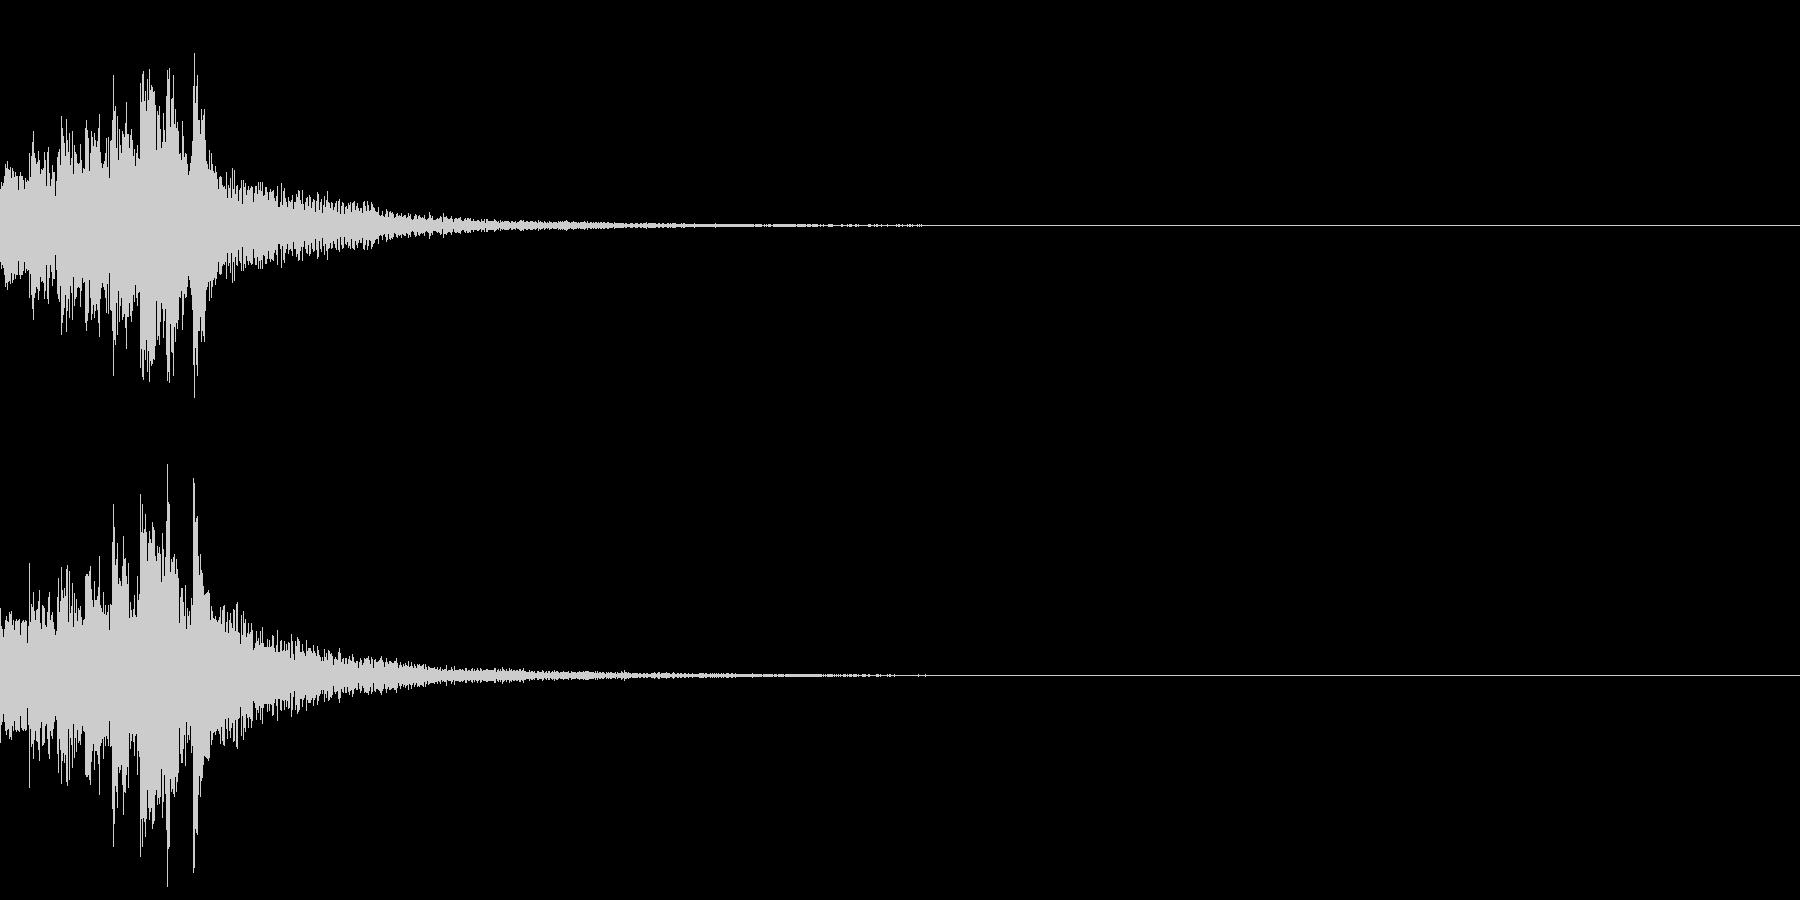 琴による速い上昇音型の未再生の波形